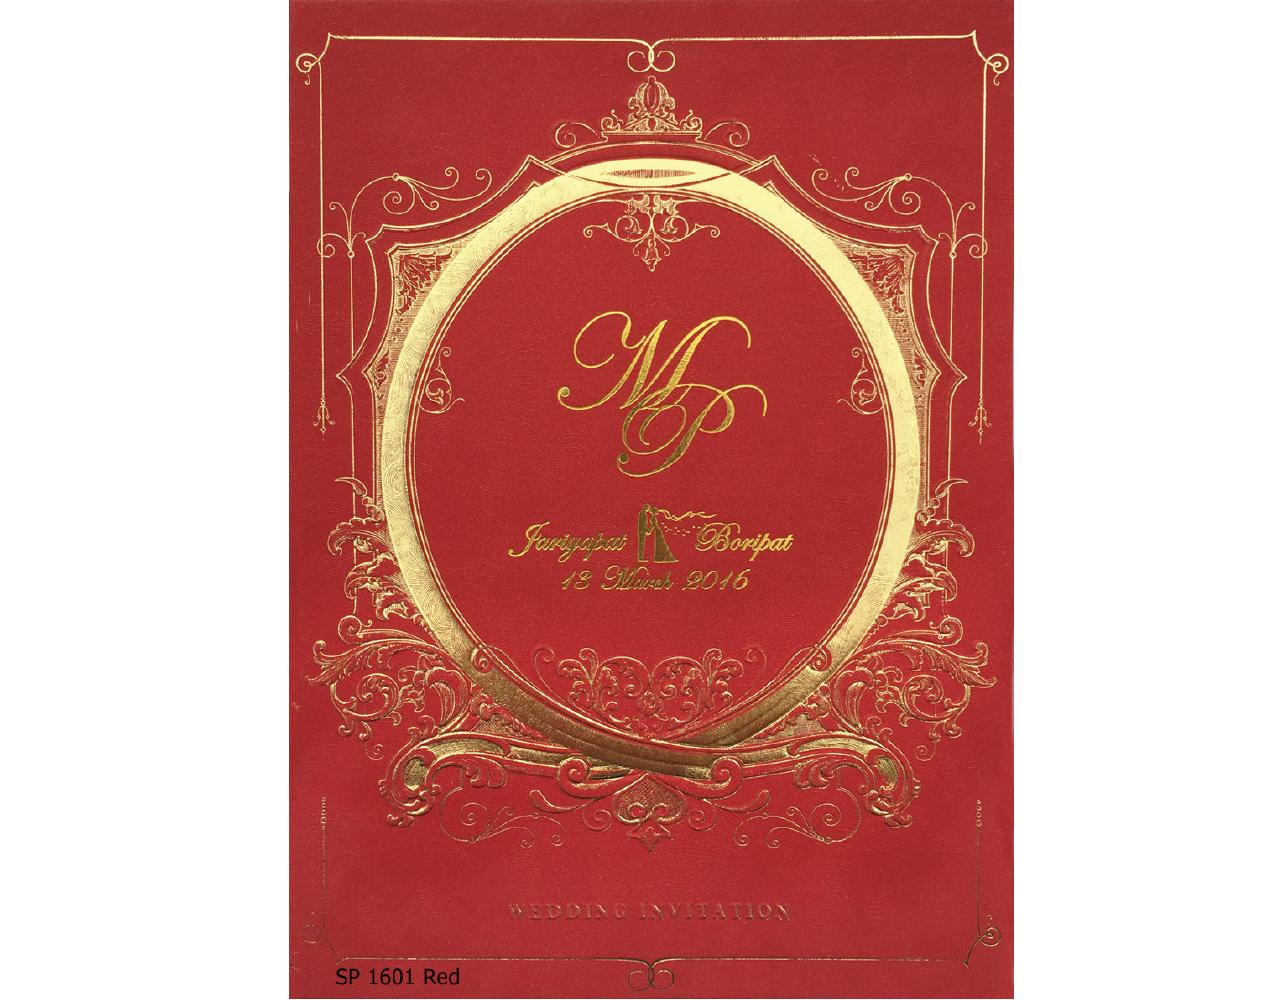 การ์ดแต่งงาน การ์ดเชิญ สีแดง 2 พับ พิมพ์ทอง ปั๊มนูน card 6x8.5 inch sp 1601 red